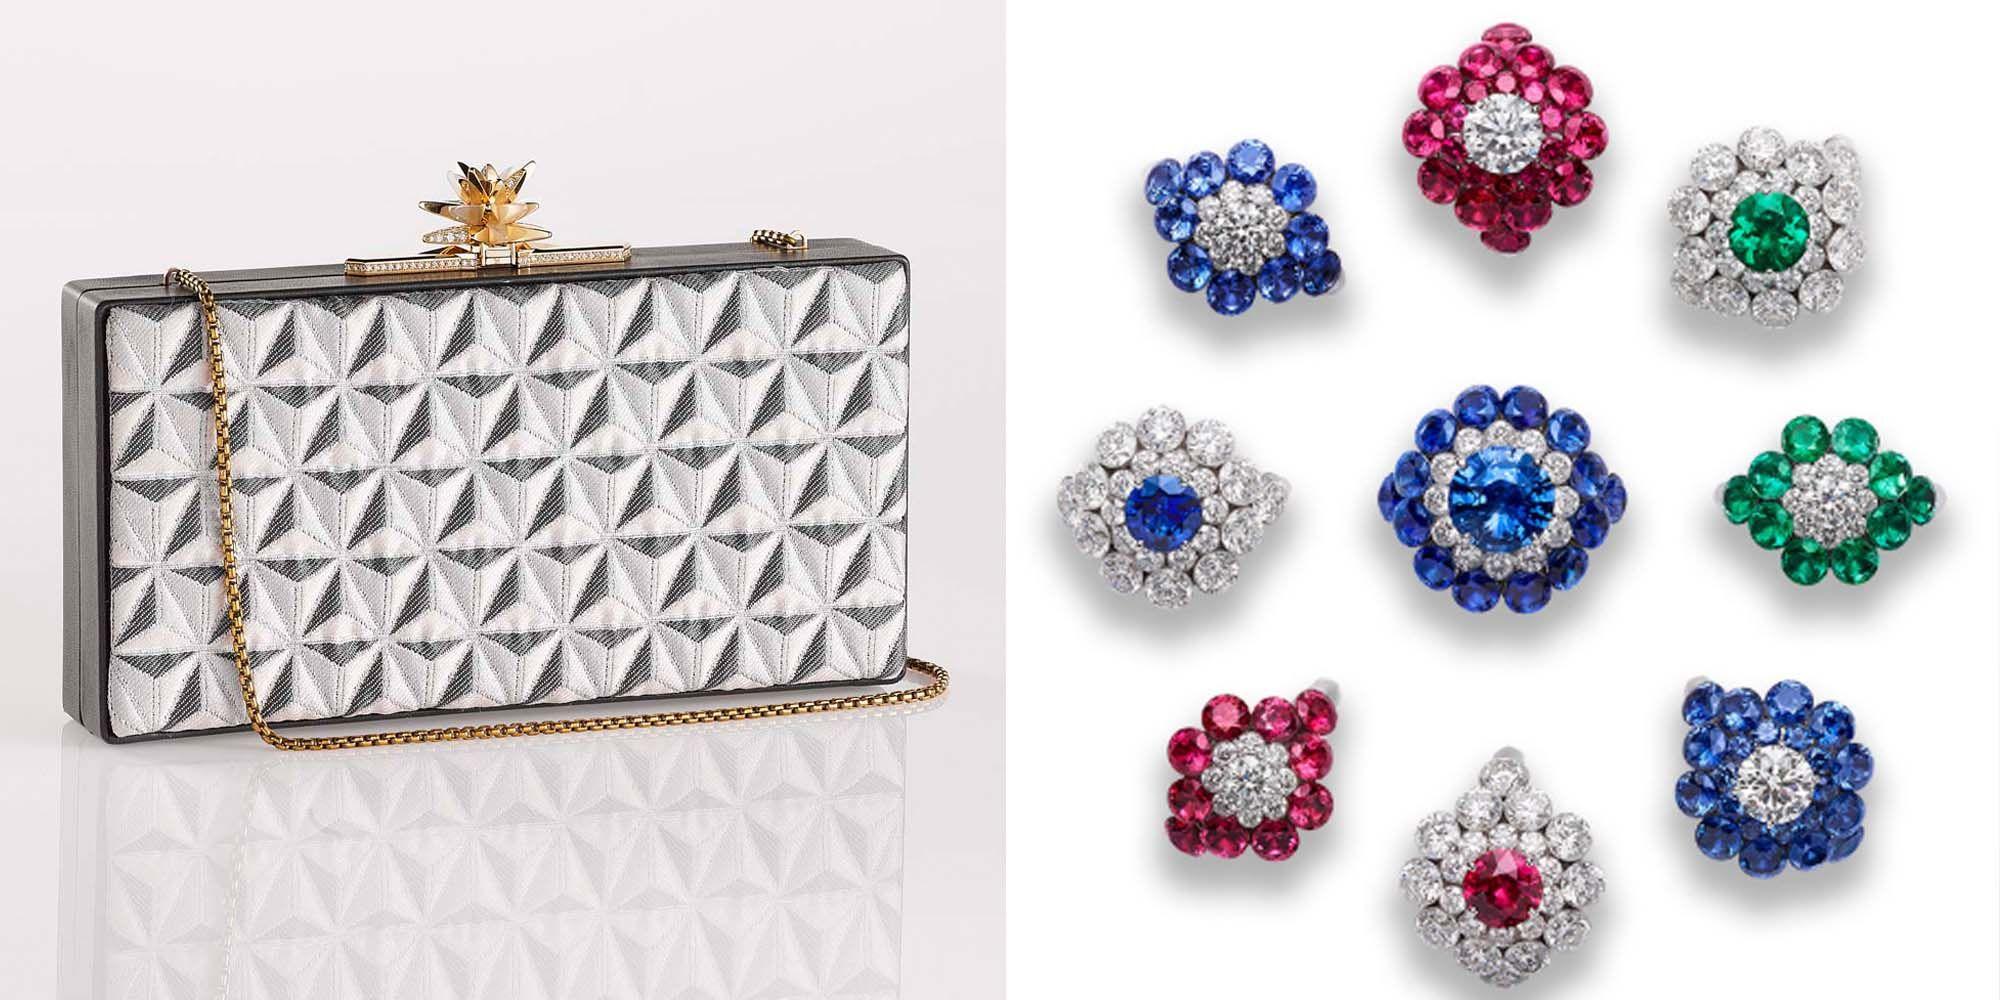 juwelen, sieraden, cartier, chopard, paris haute couture week 2019, couture week 2019,